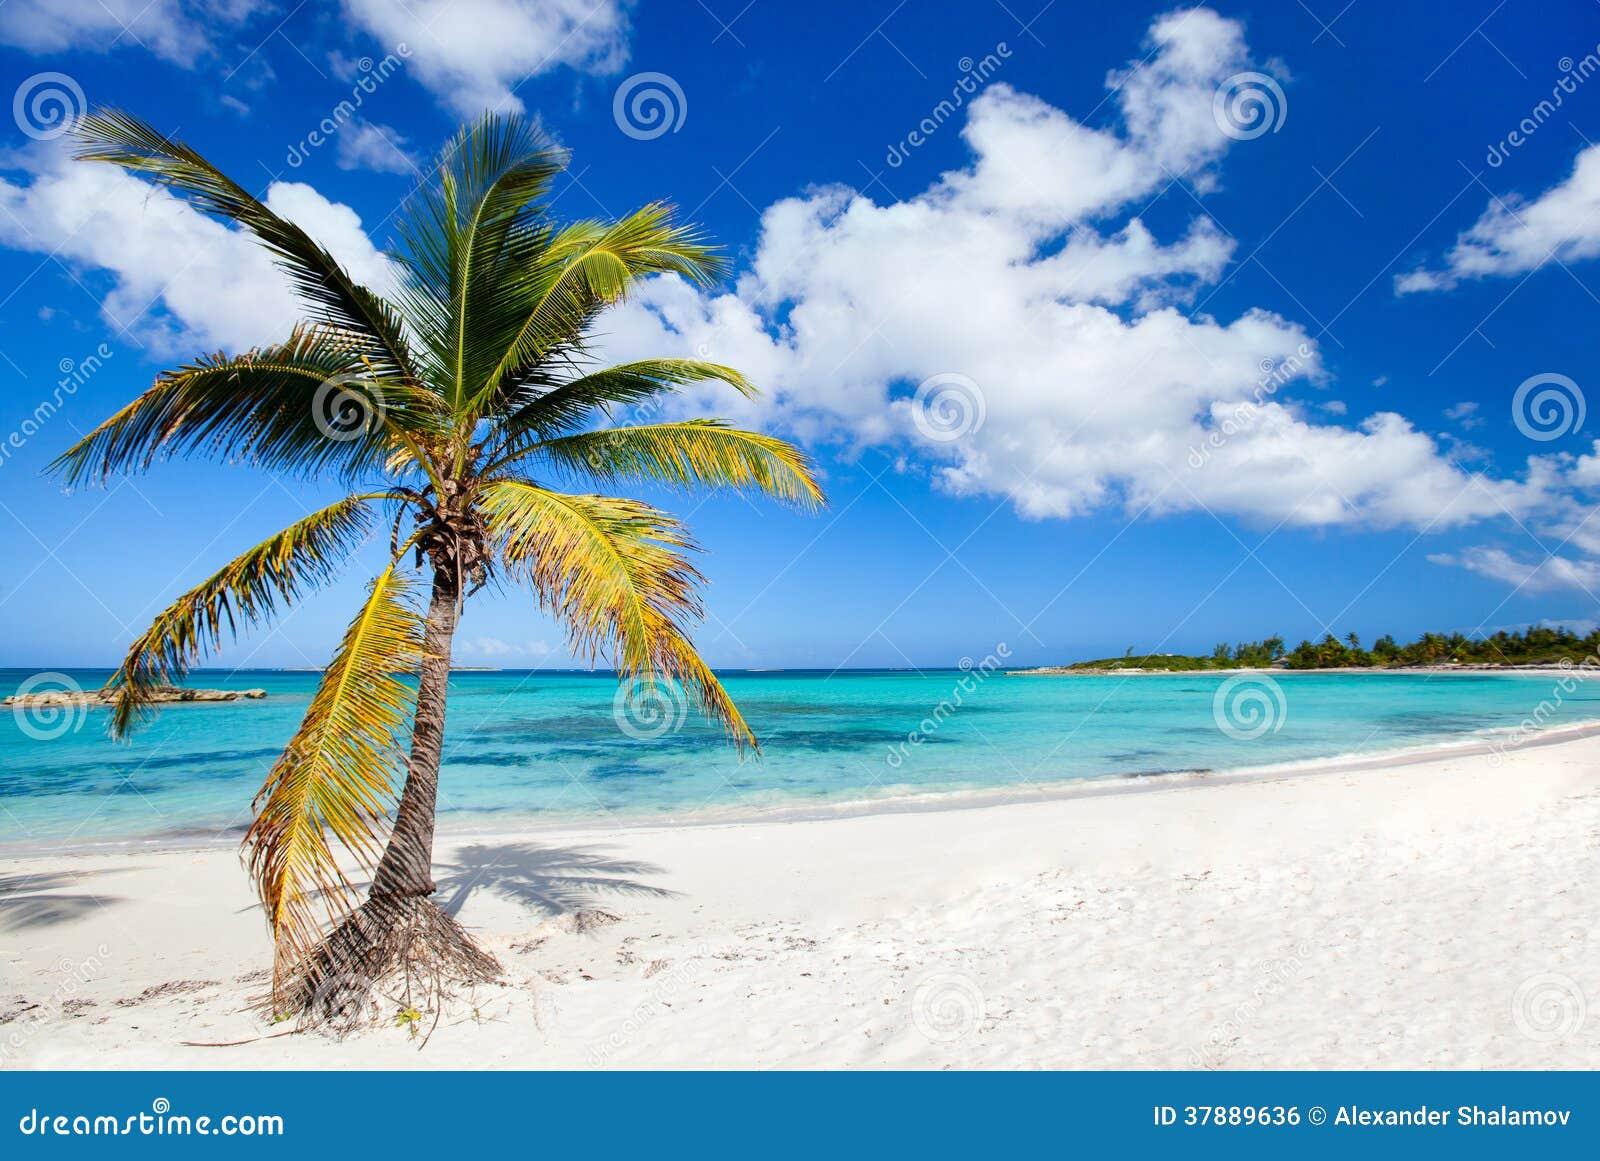 Όμορφη καραϊβική παραλία